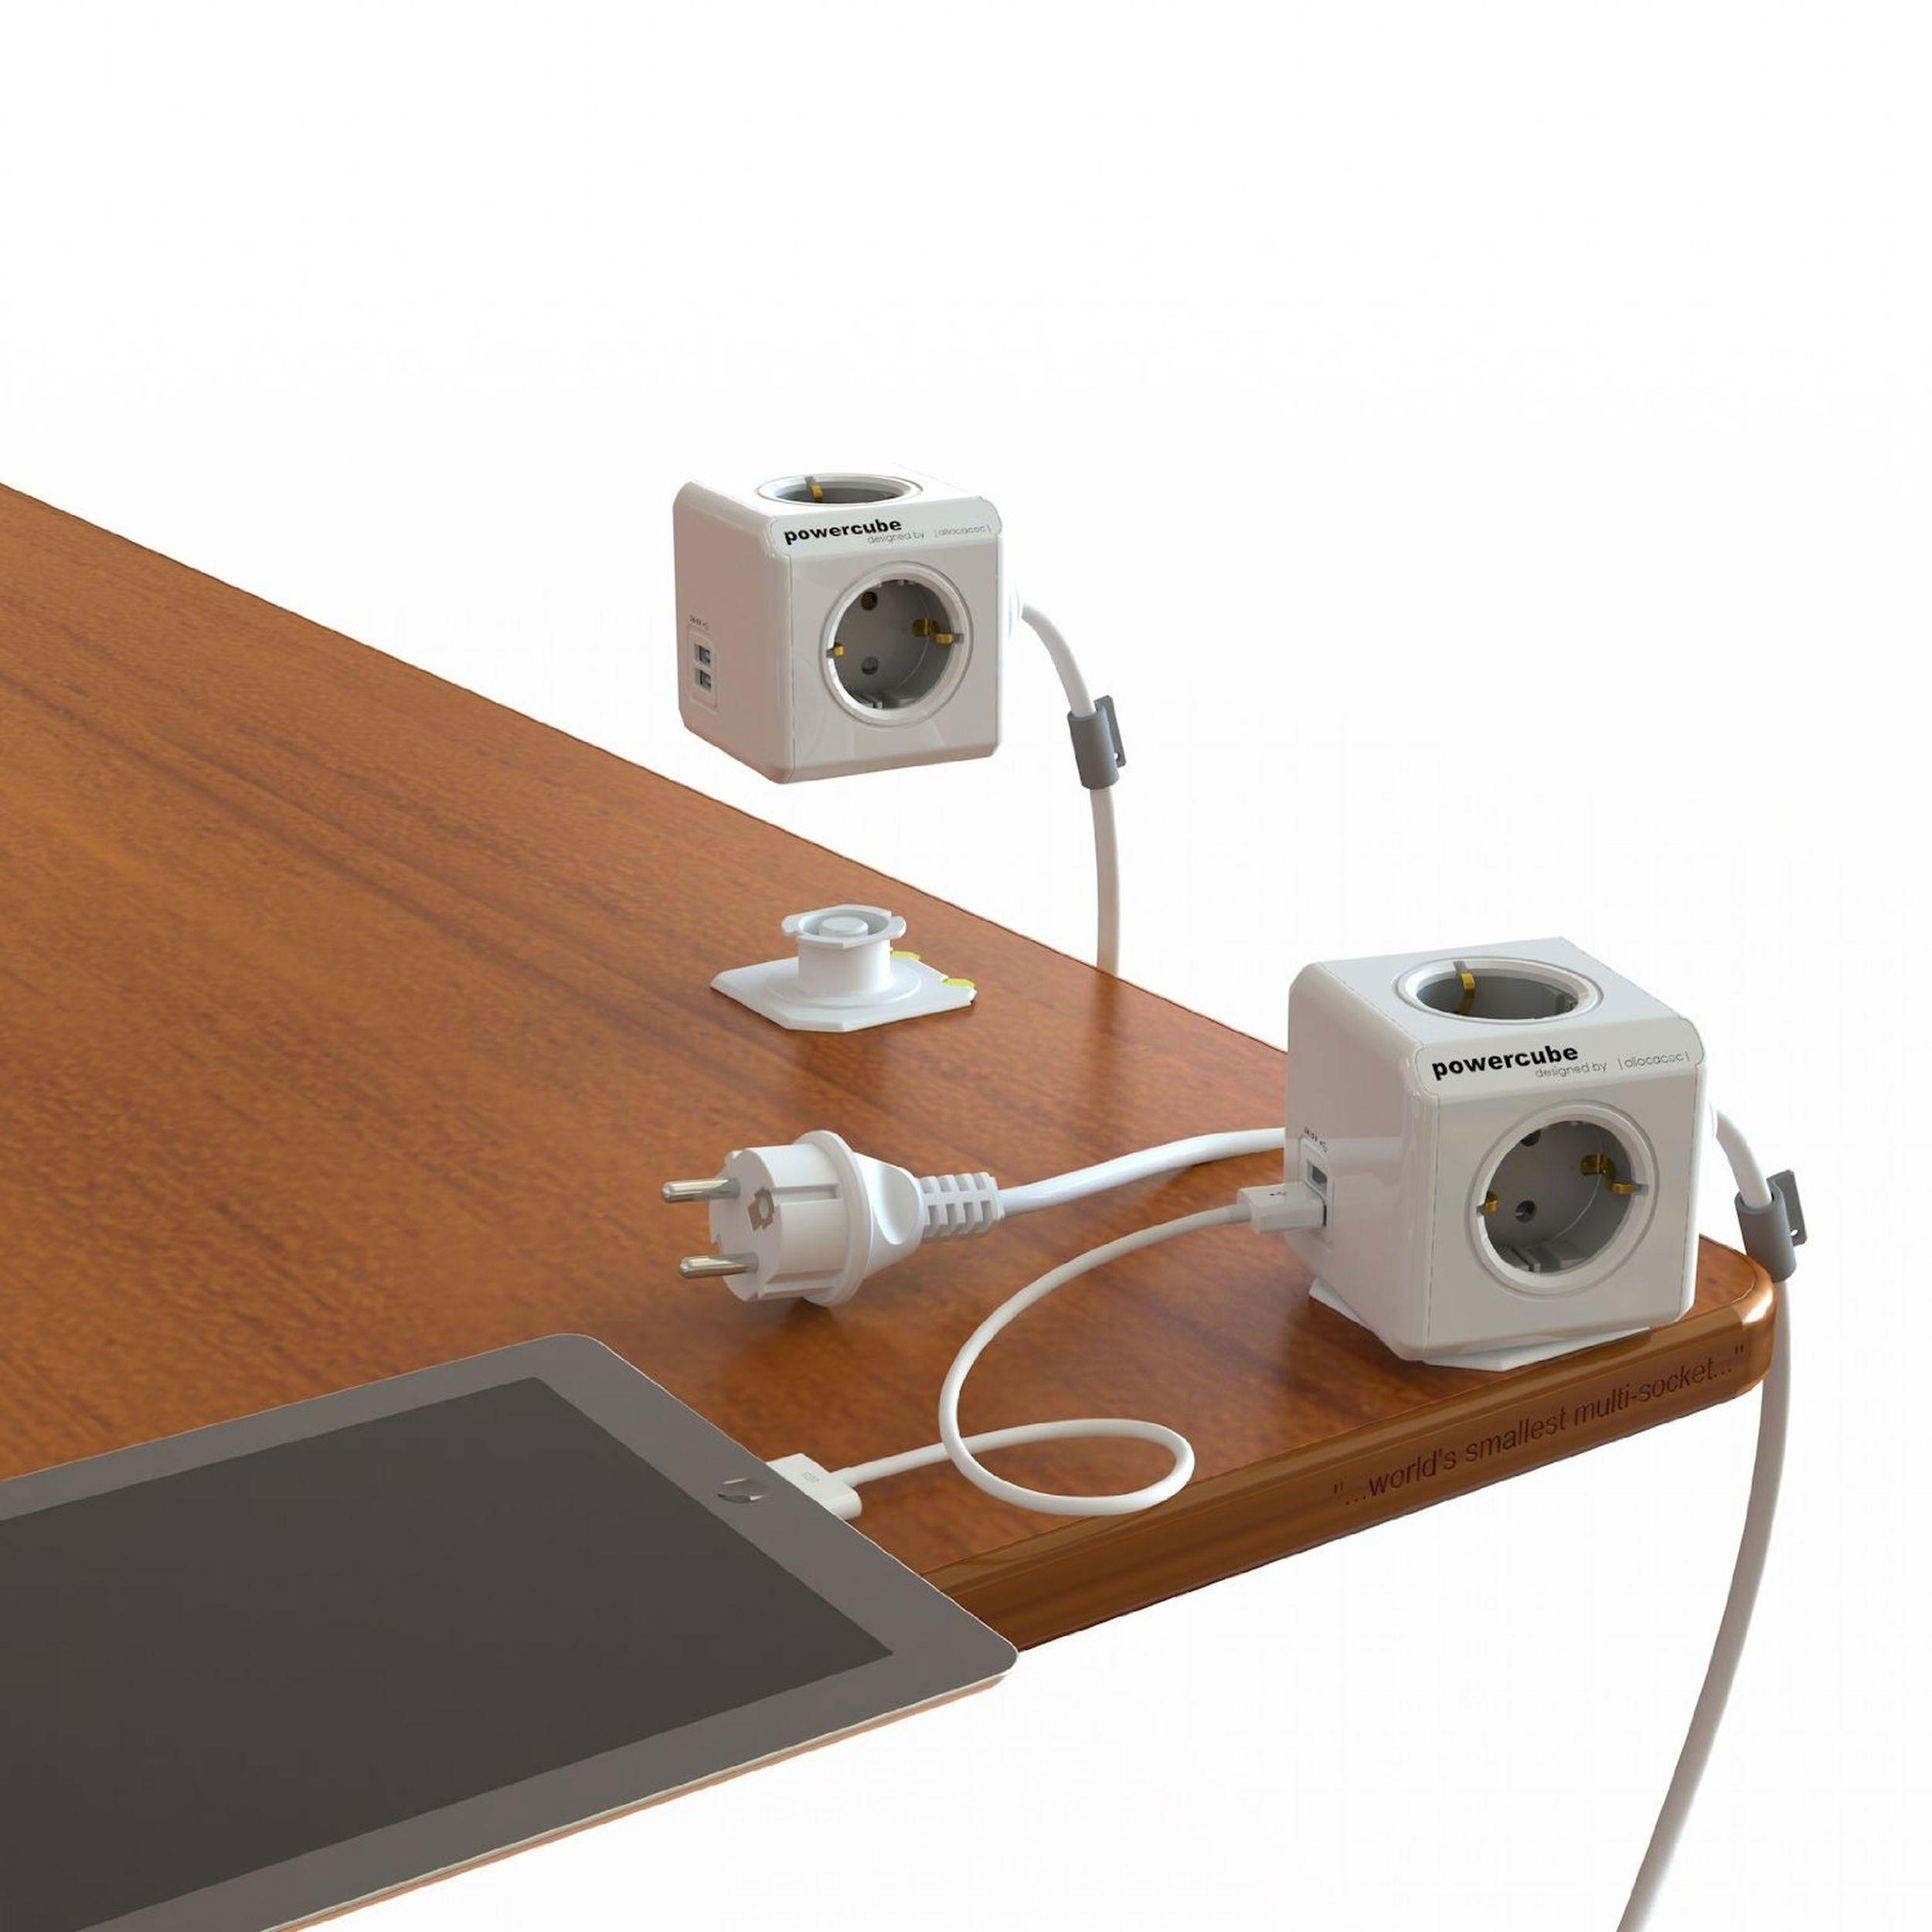 Steckdosenwürfel 4 Steckdosen / 2 USB-Ausgänge Bild 2